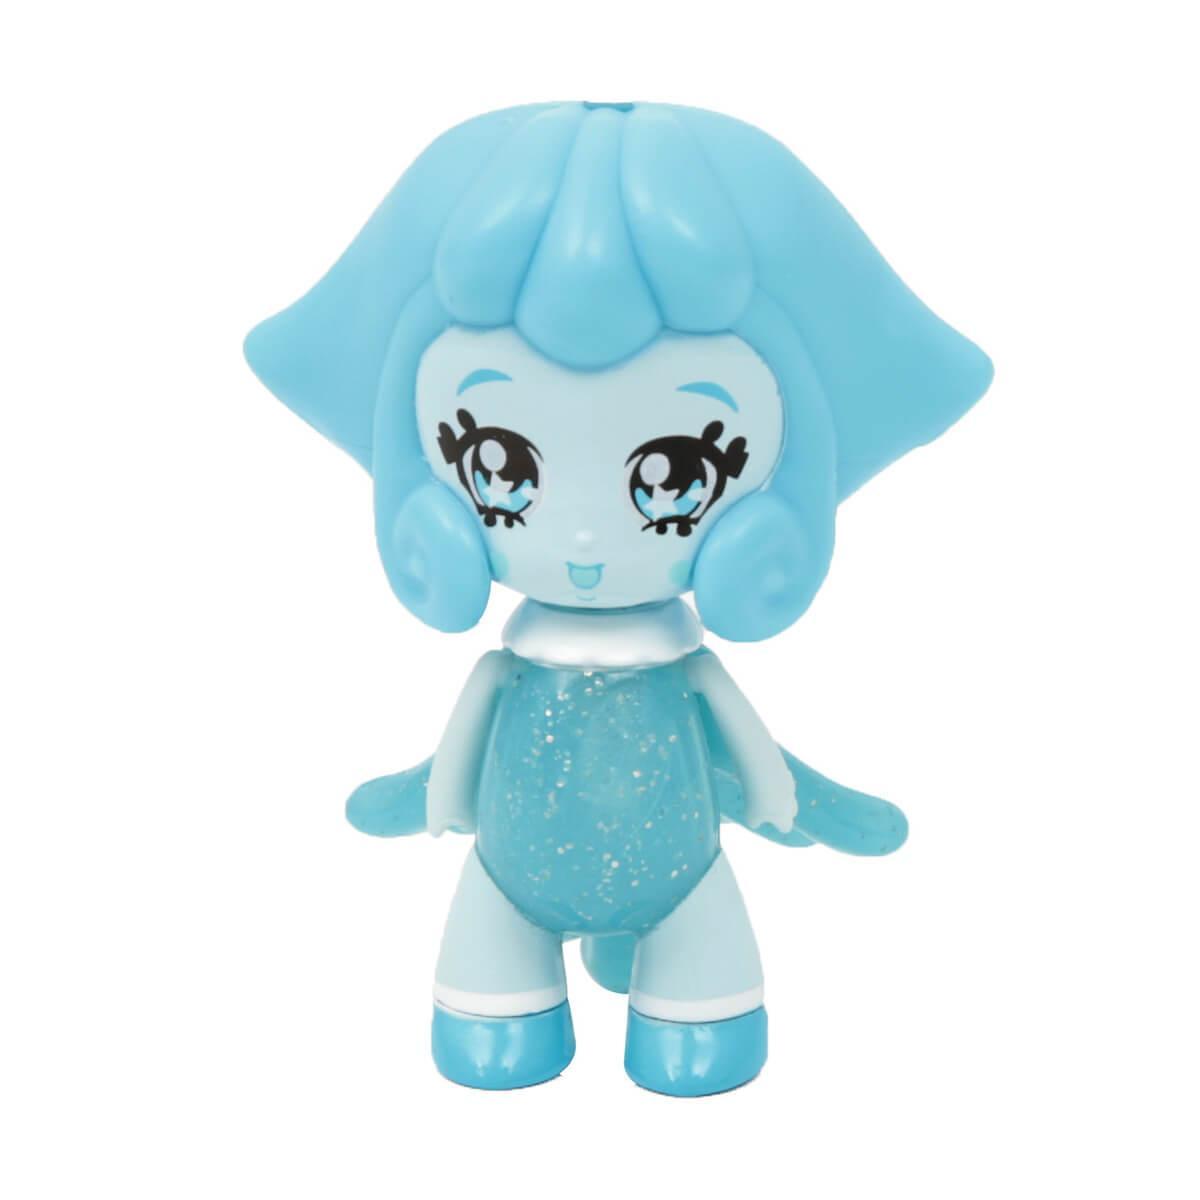 Кукла Glimmies Celeste 6 см, в блистере